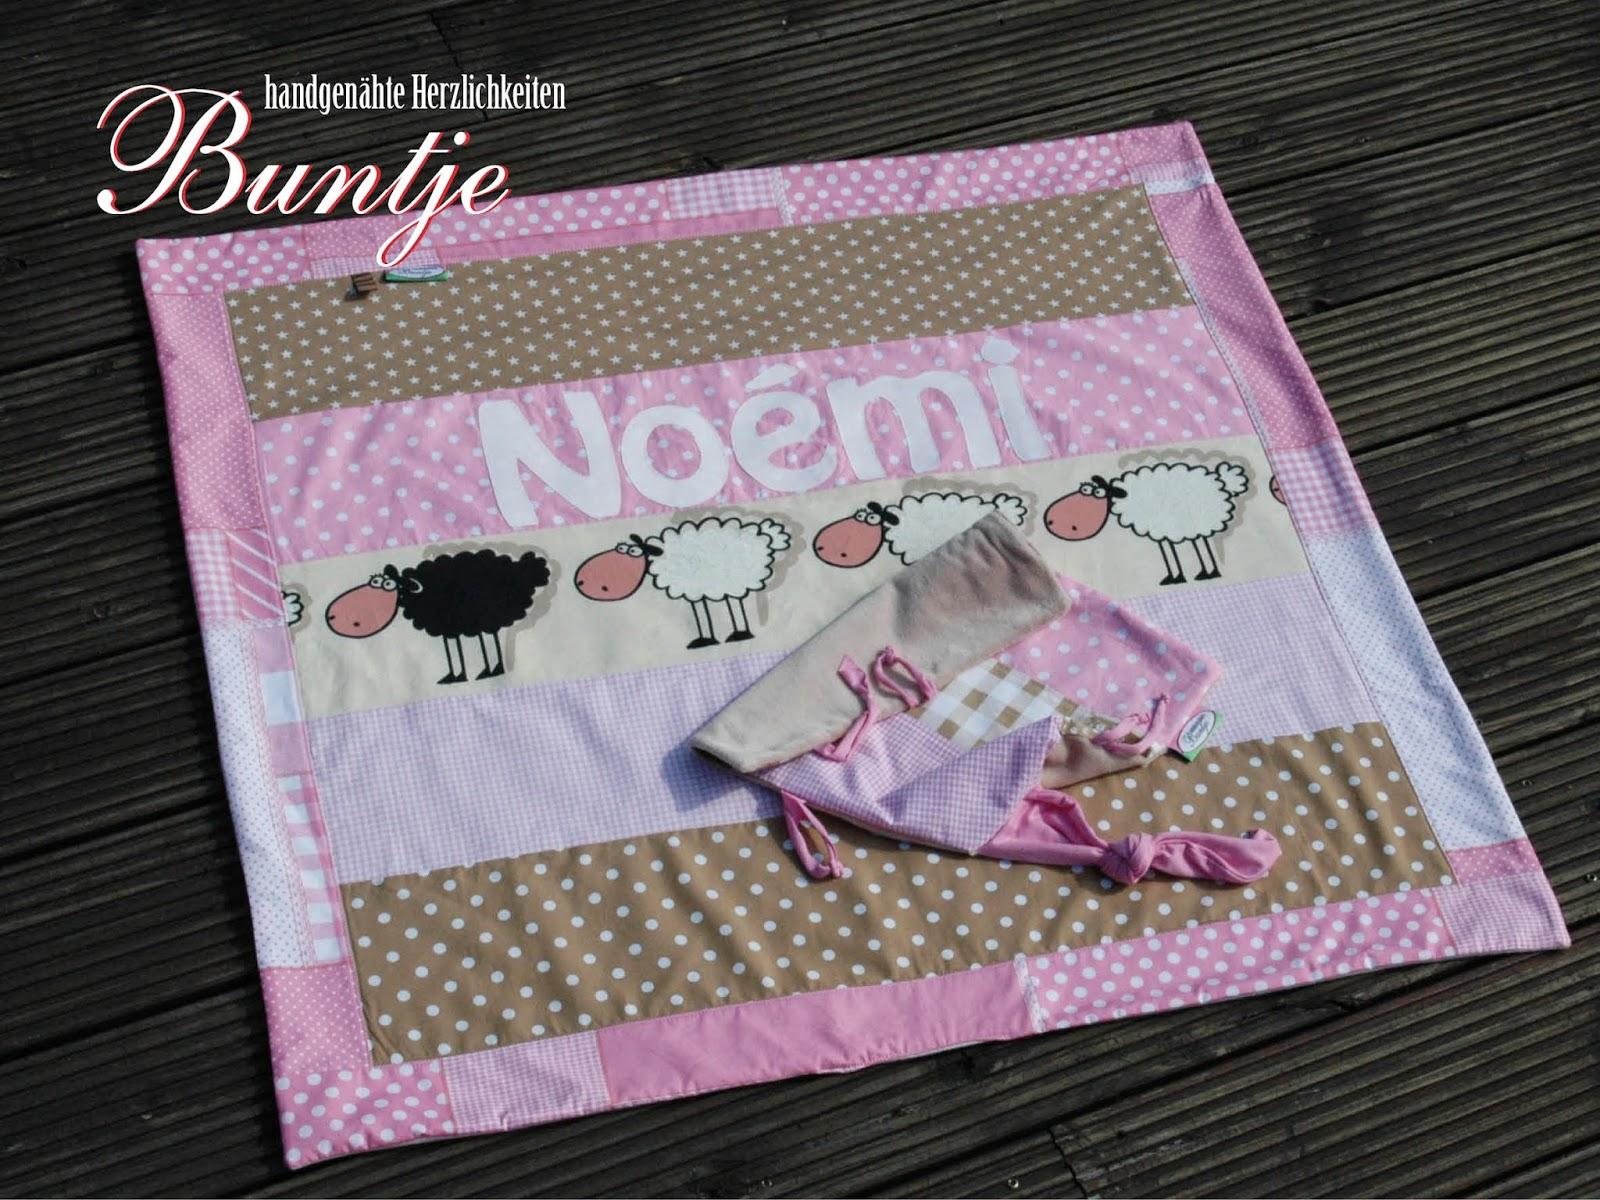 Kuscheldecke Decke Puckdecke Baby Mädchen Name Geschenk Geburt Taufe rosa beige Noémi Baumwolle Fleece kuschelig nähen Buntje